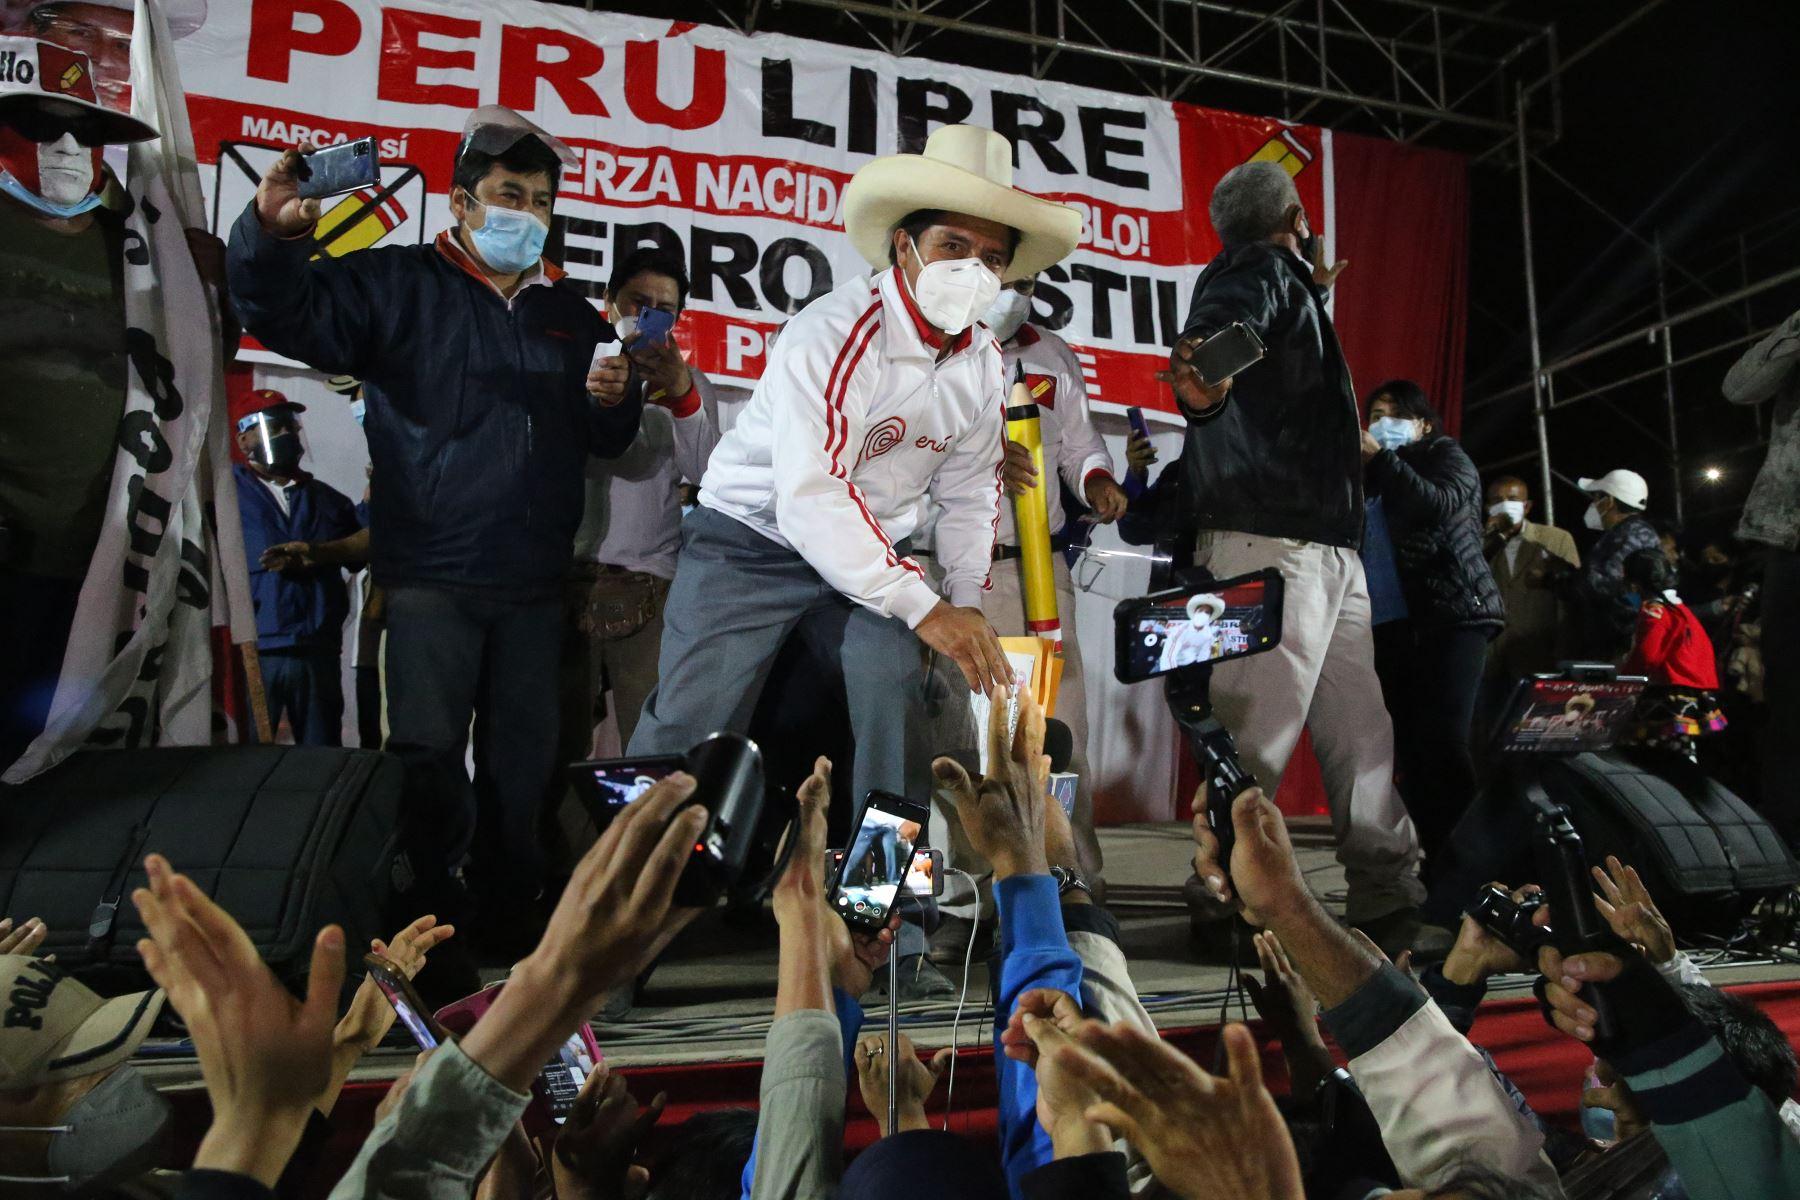 Mitin de Pedro Castillo en el estadio Pueblo Nuevo en Chincha Alta. Foto: ANDINA/Eddy Ramos